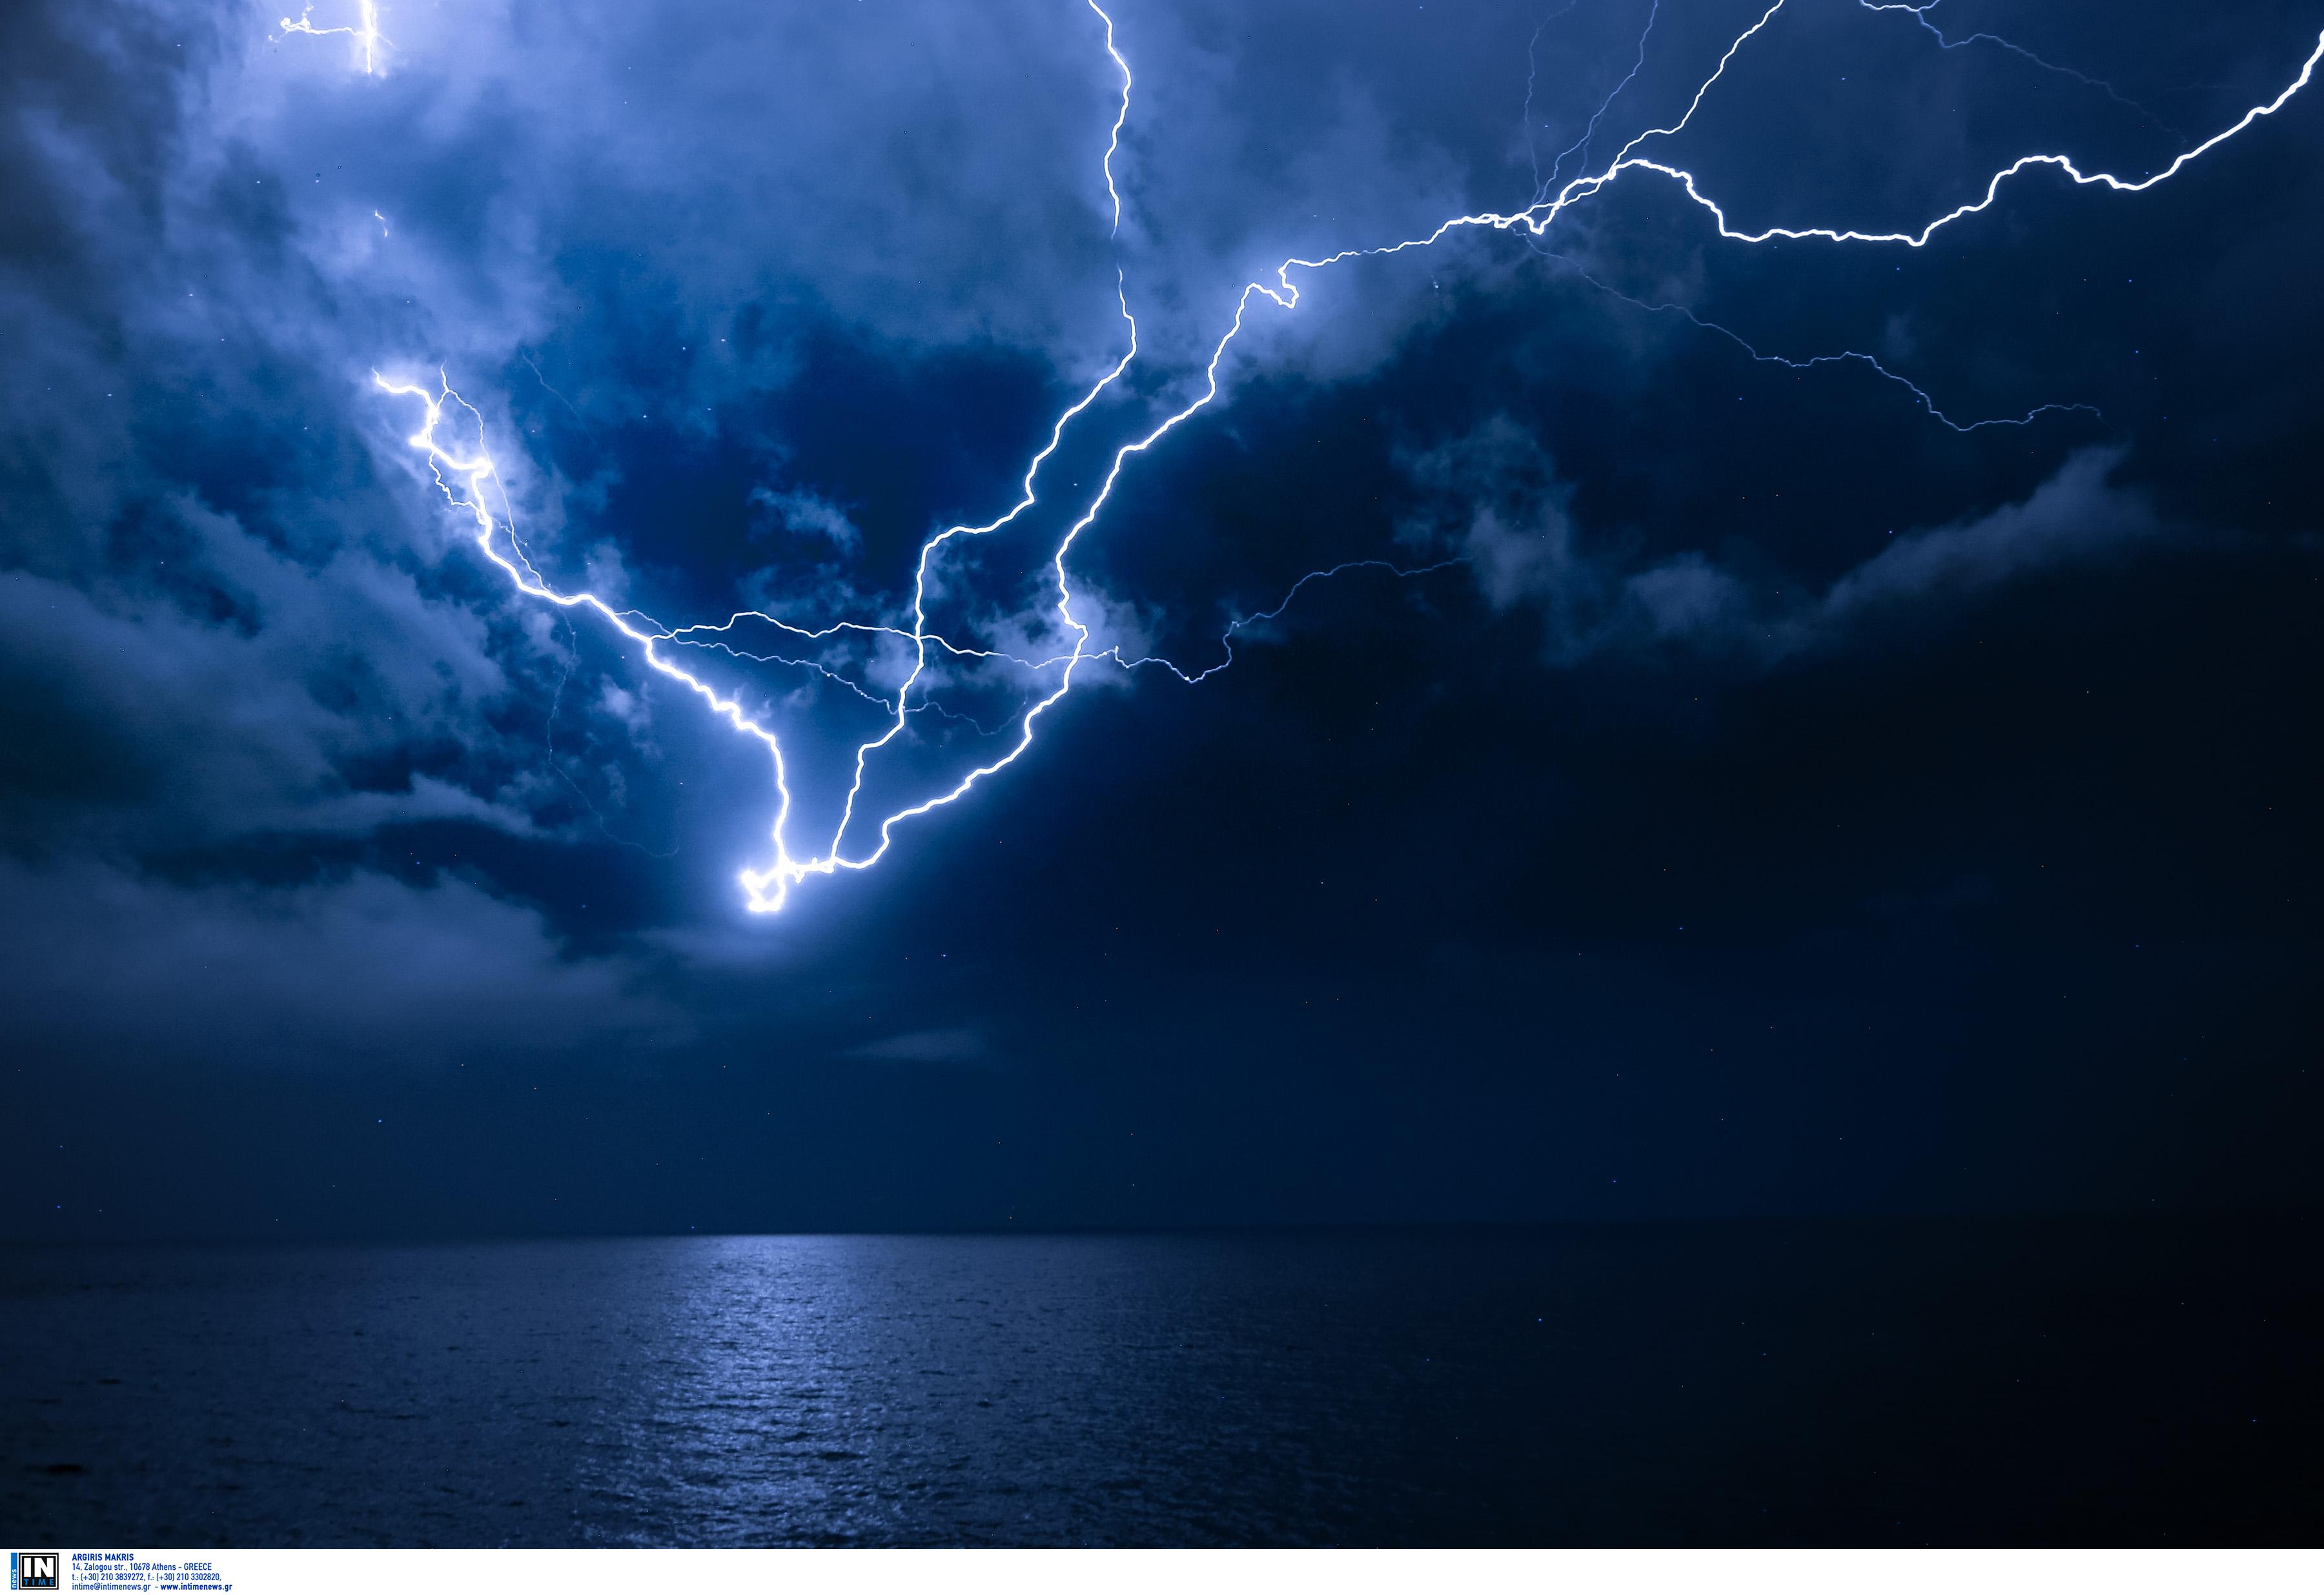 Καιρός… για ομπρέλα! Σφοδρές καταιγίδες τις επόμενες ώρες! | Newsit.gr